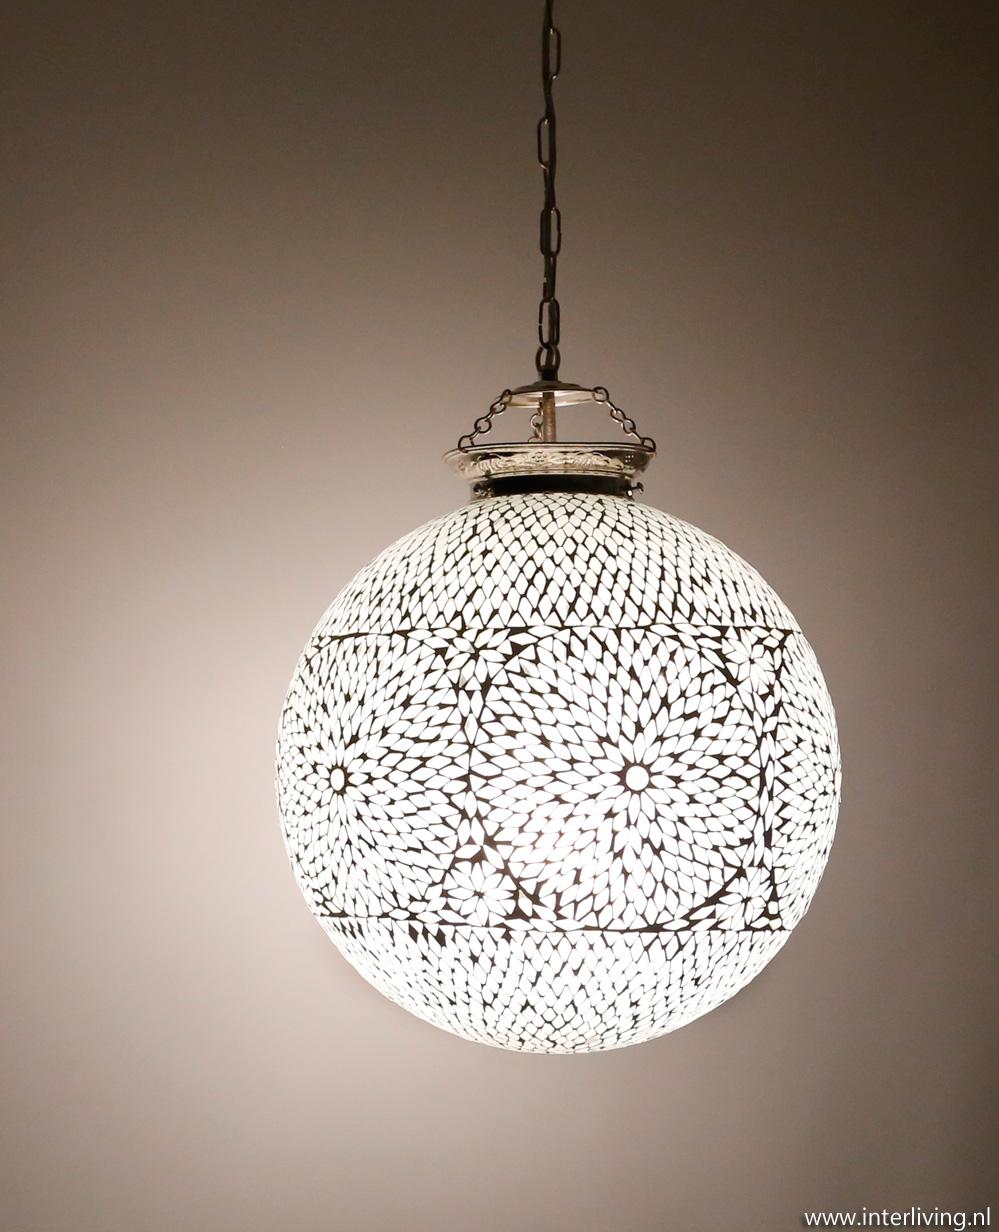 hanglamp oosterse bol wit moderne stijl mozaiek koop in onze webshop